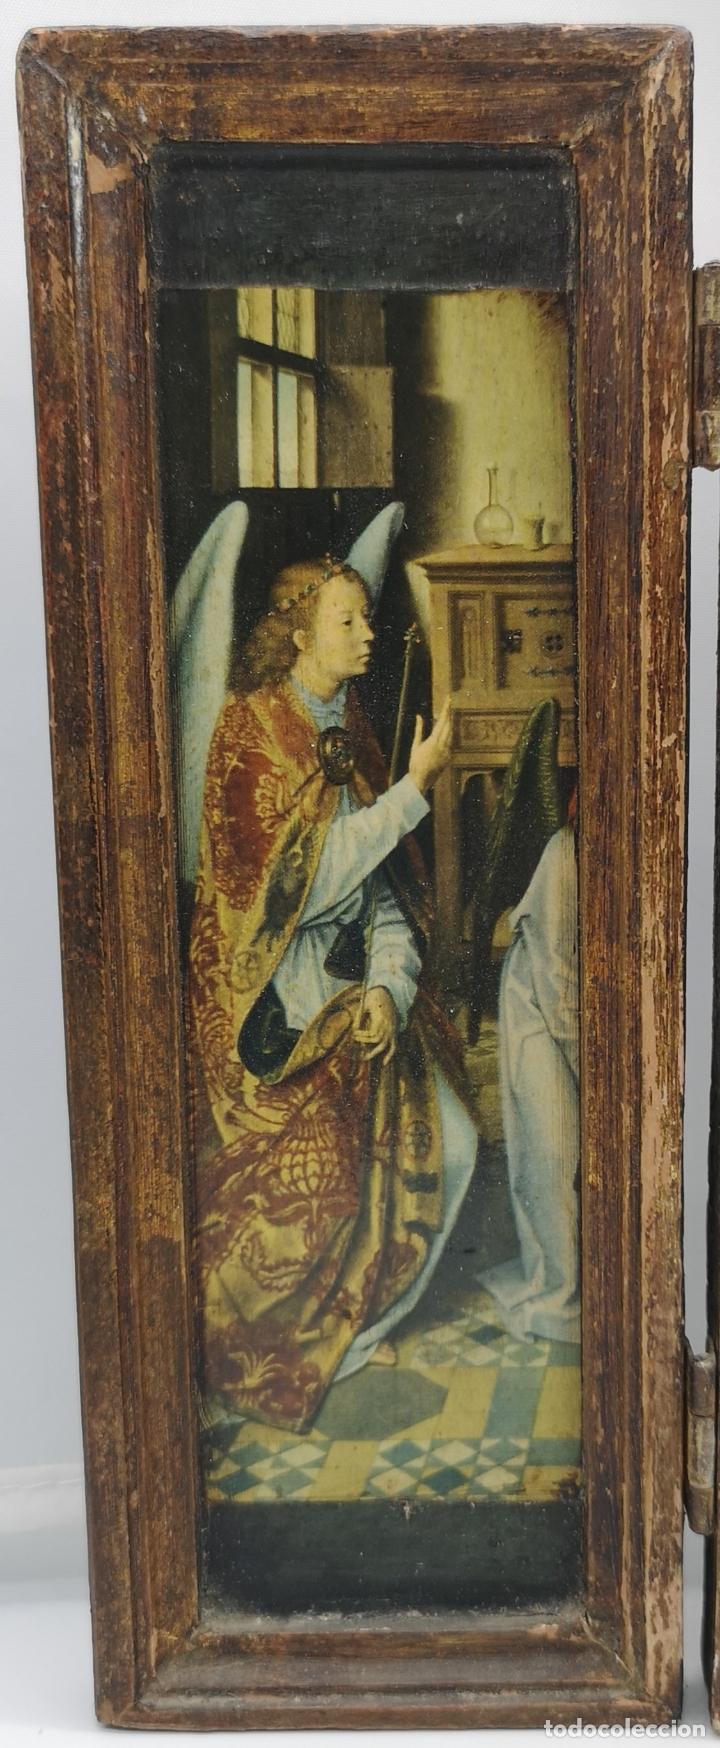 Arte: Bello tríptico antiguo con bellas litografías religiosas sobre madera . - Foto 4 - 172417325